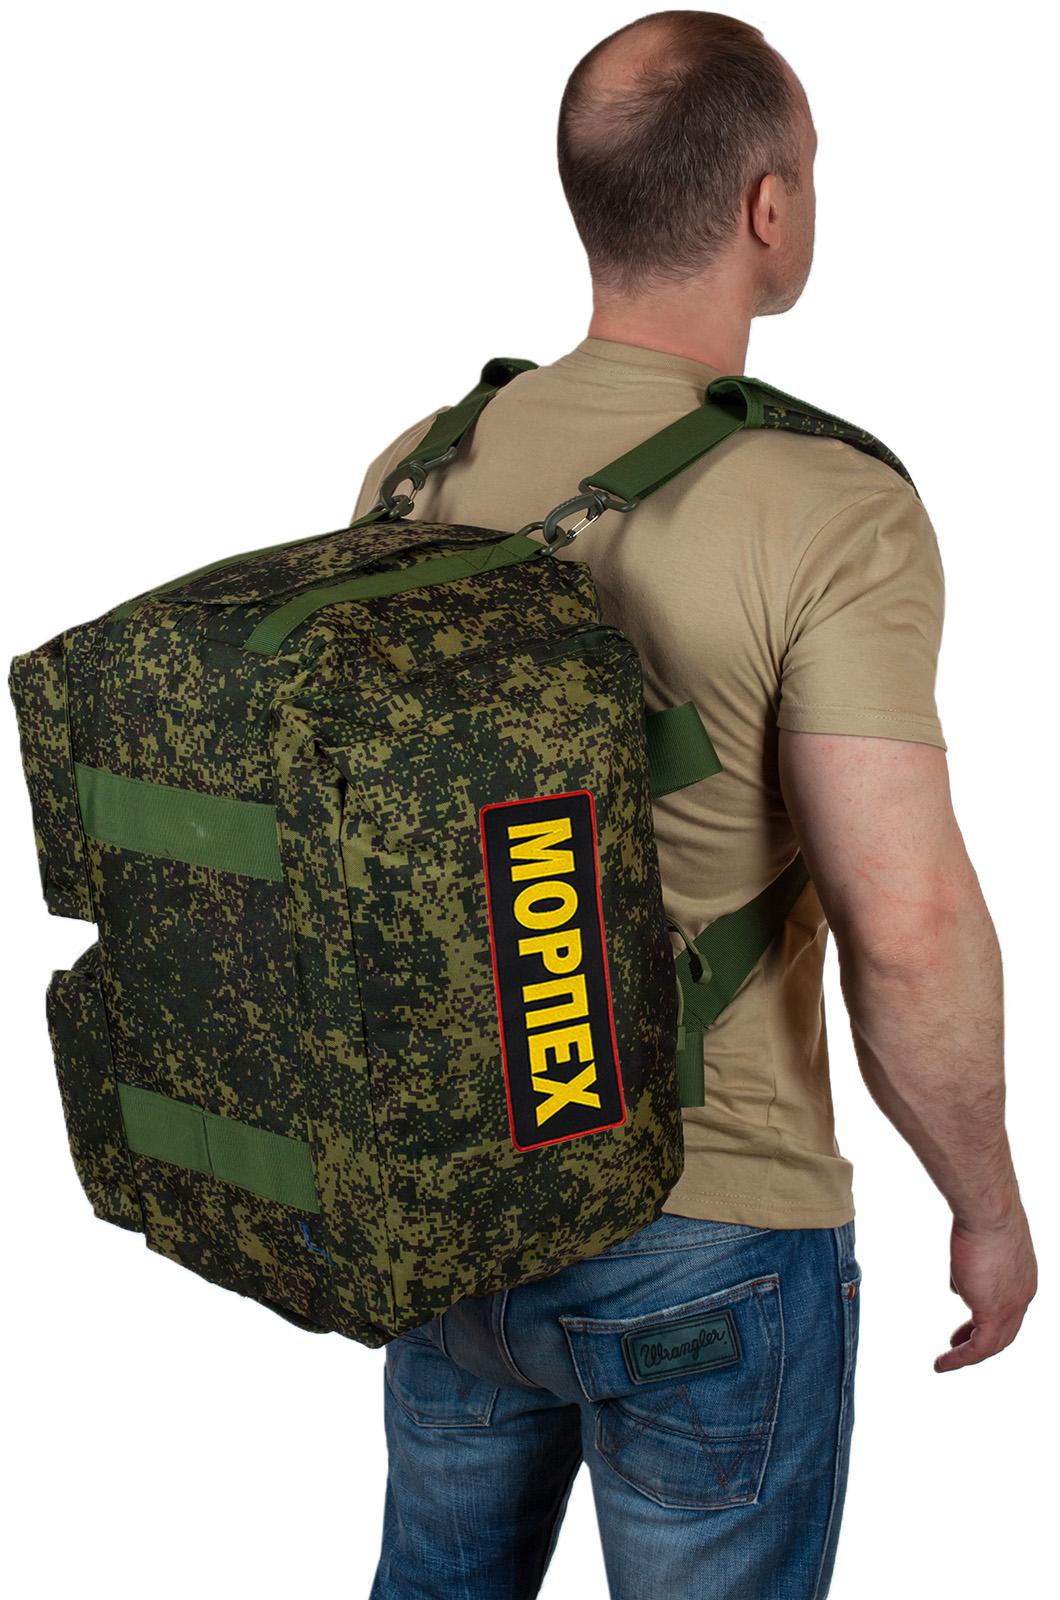 Недорогие тактические сумки-рюкзаки Морская Пехота